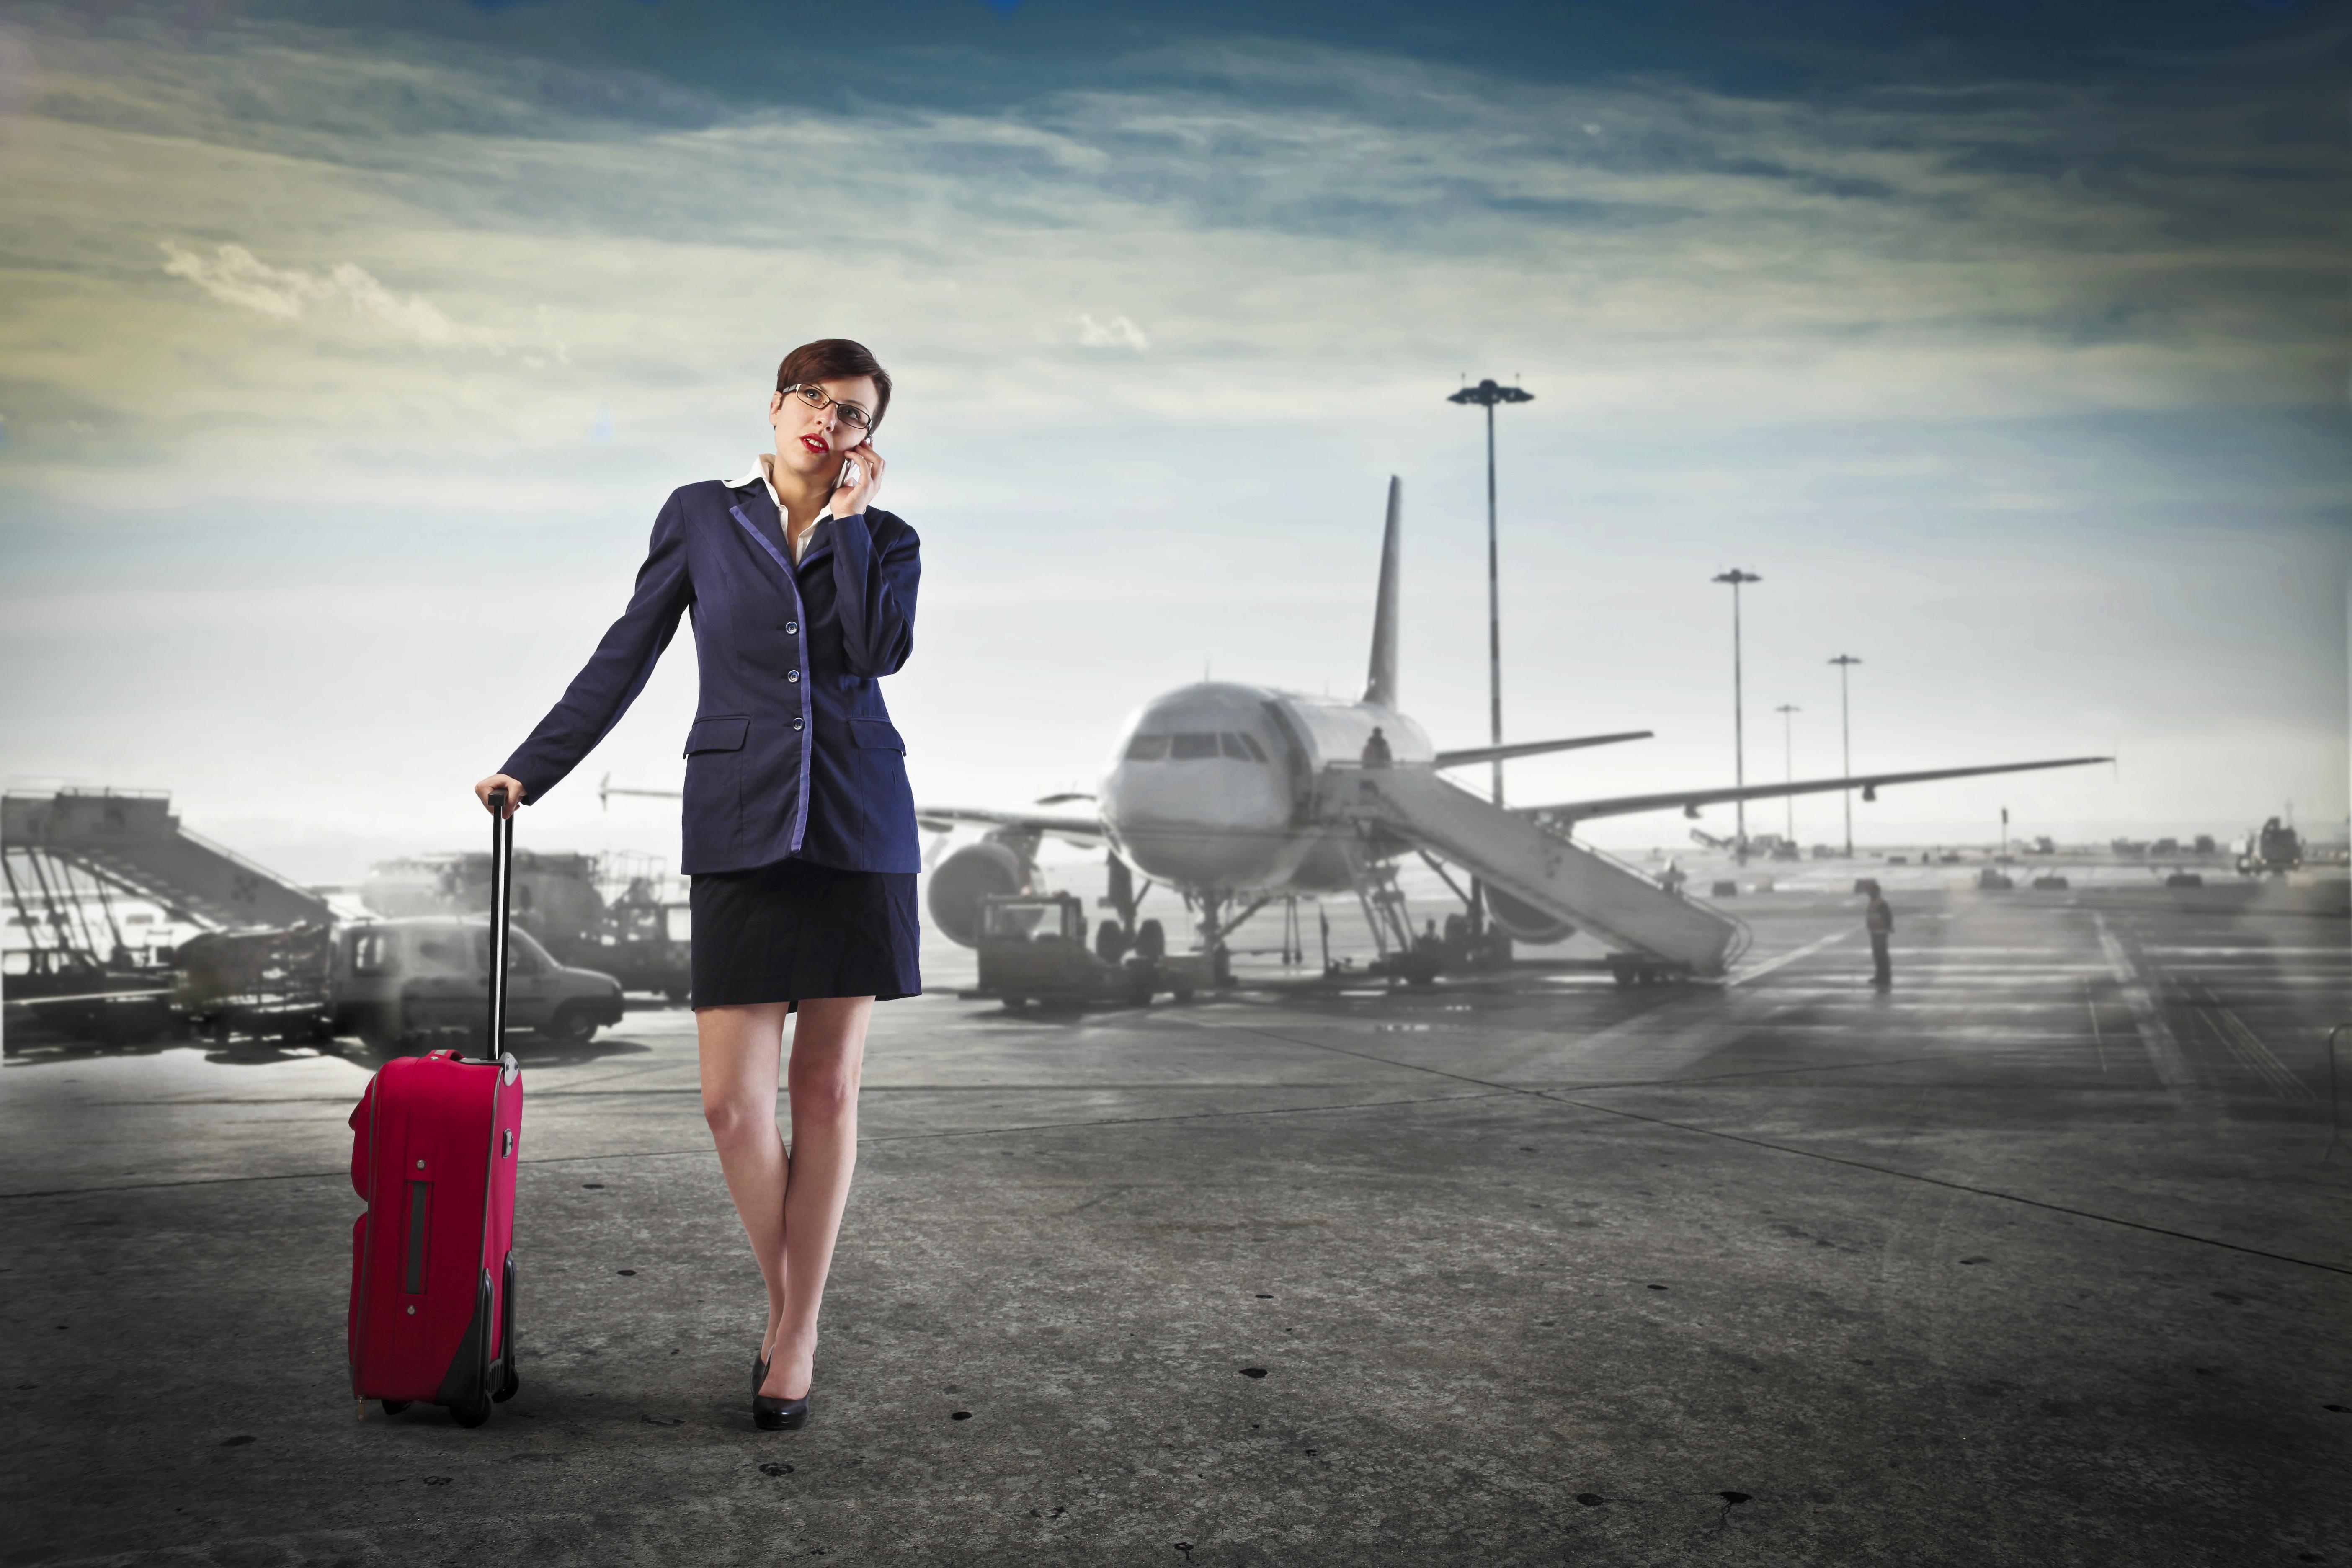 Женщина и самолет картинки